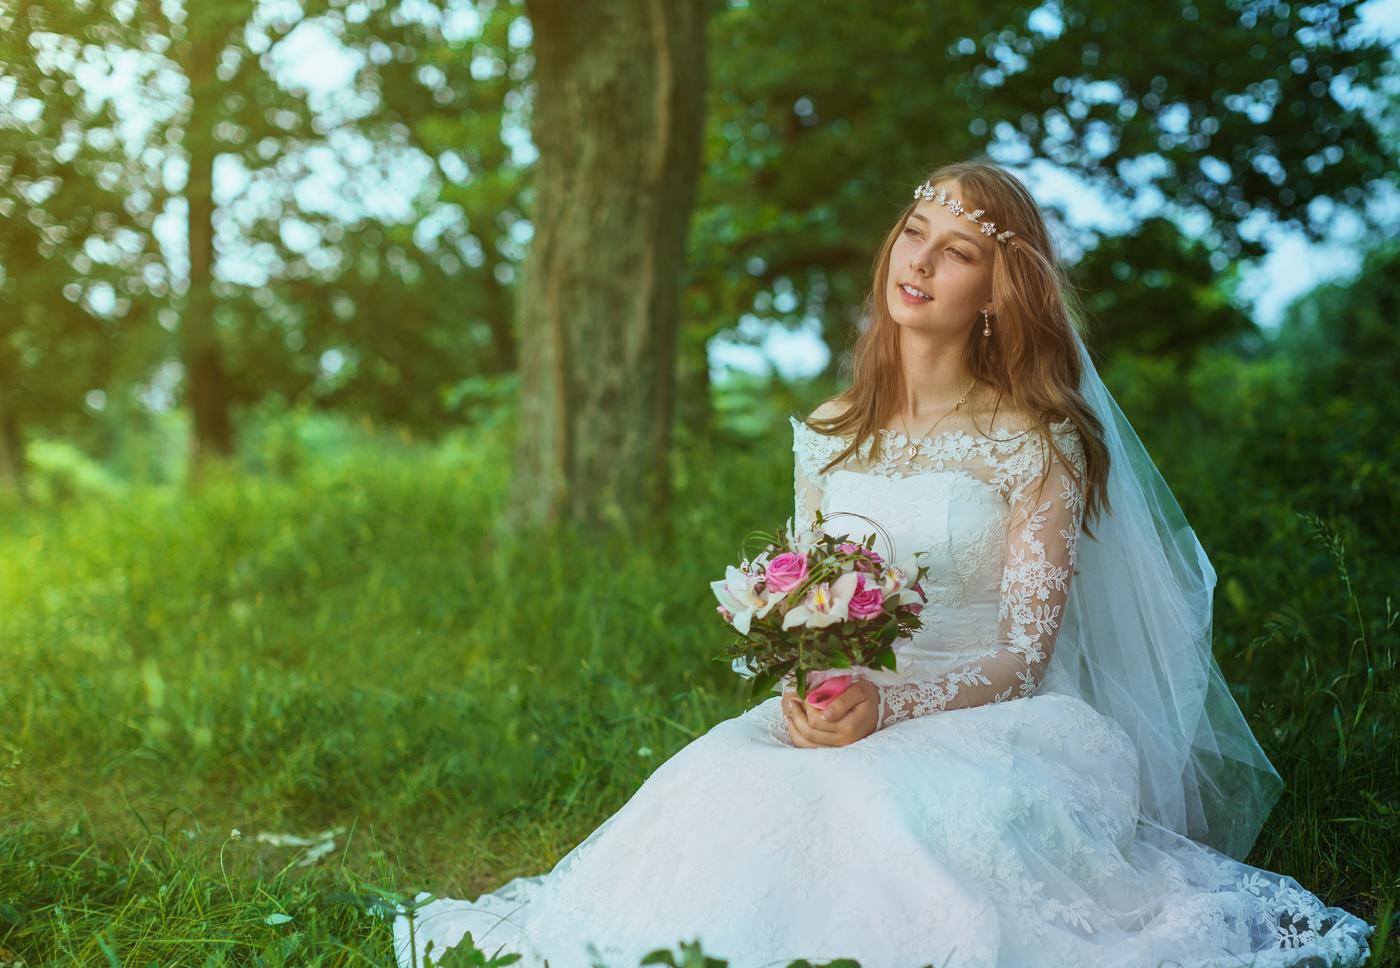 Фото невест в деревне, Свадьба без гламура и пафоса. Фото деревенской свадьбы 3 фотография